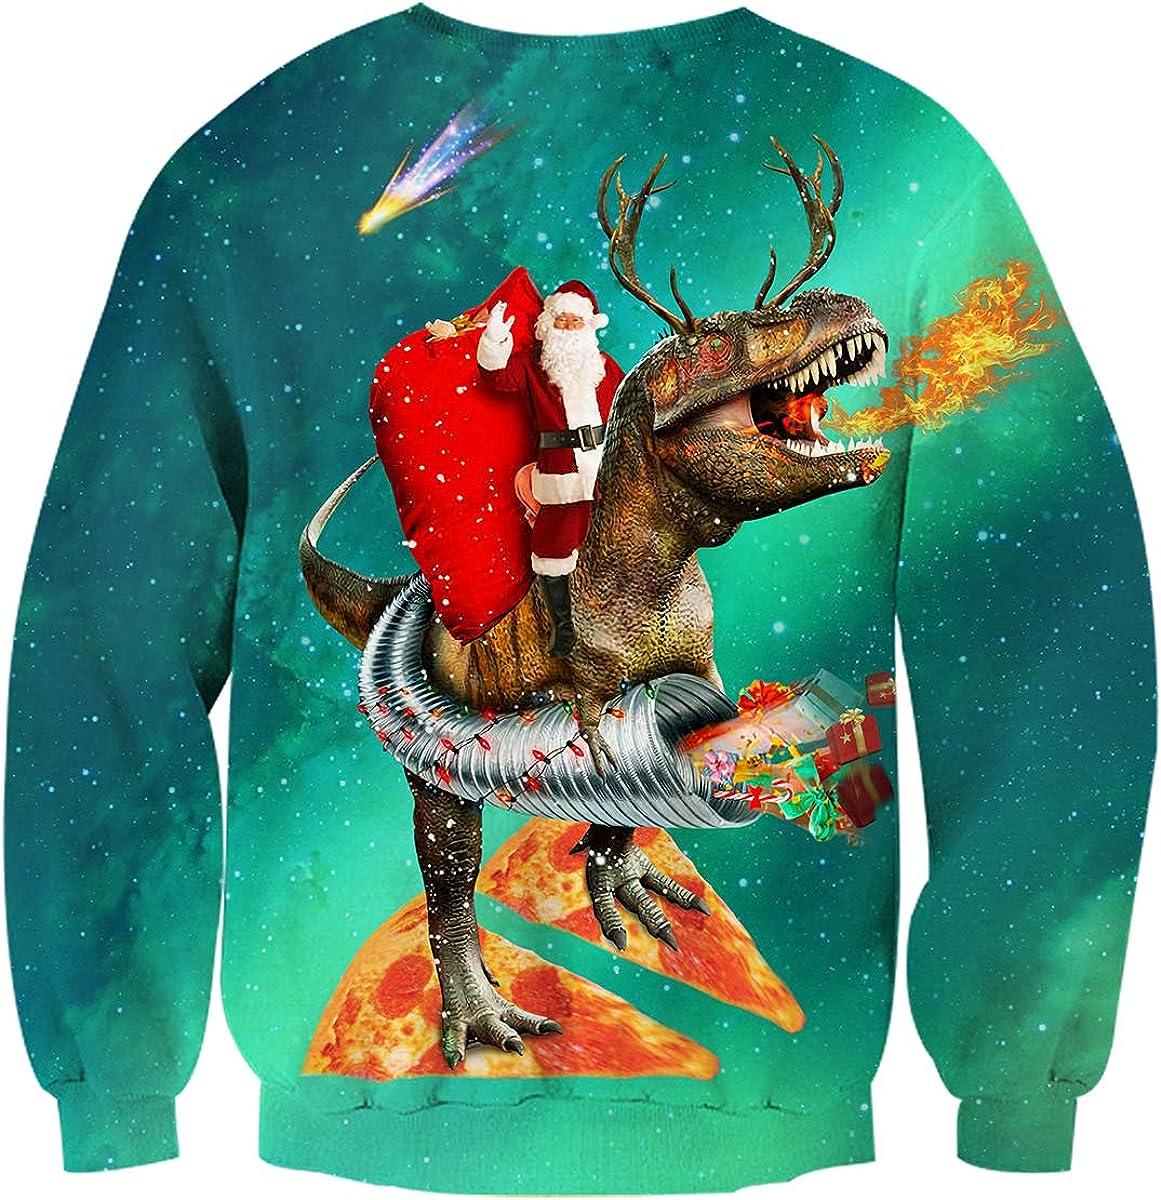 uideazone Unisexe Pulls No/ël Ugly Pullover Christmas Jumper 3D Imprim/é Xmas Sweat-Shirts T Shirt Manche Longue pour Homme Femme